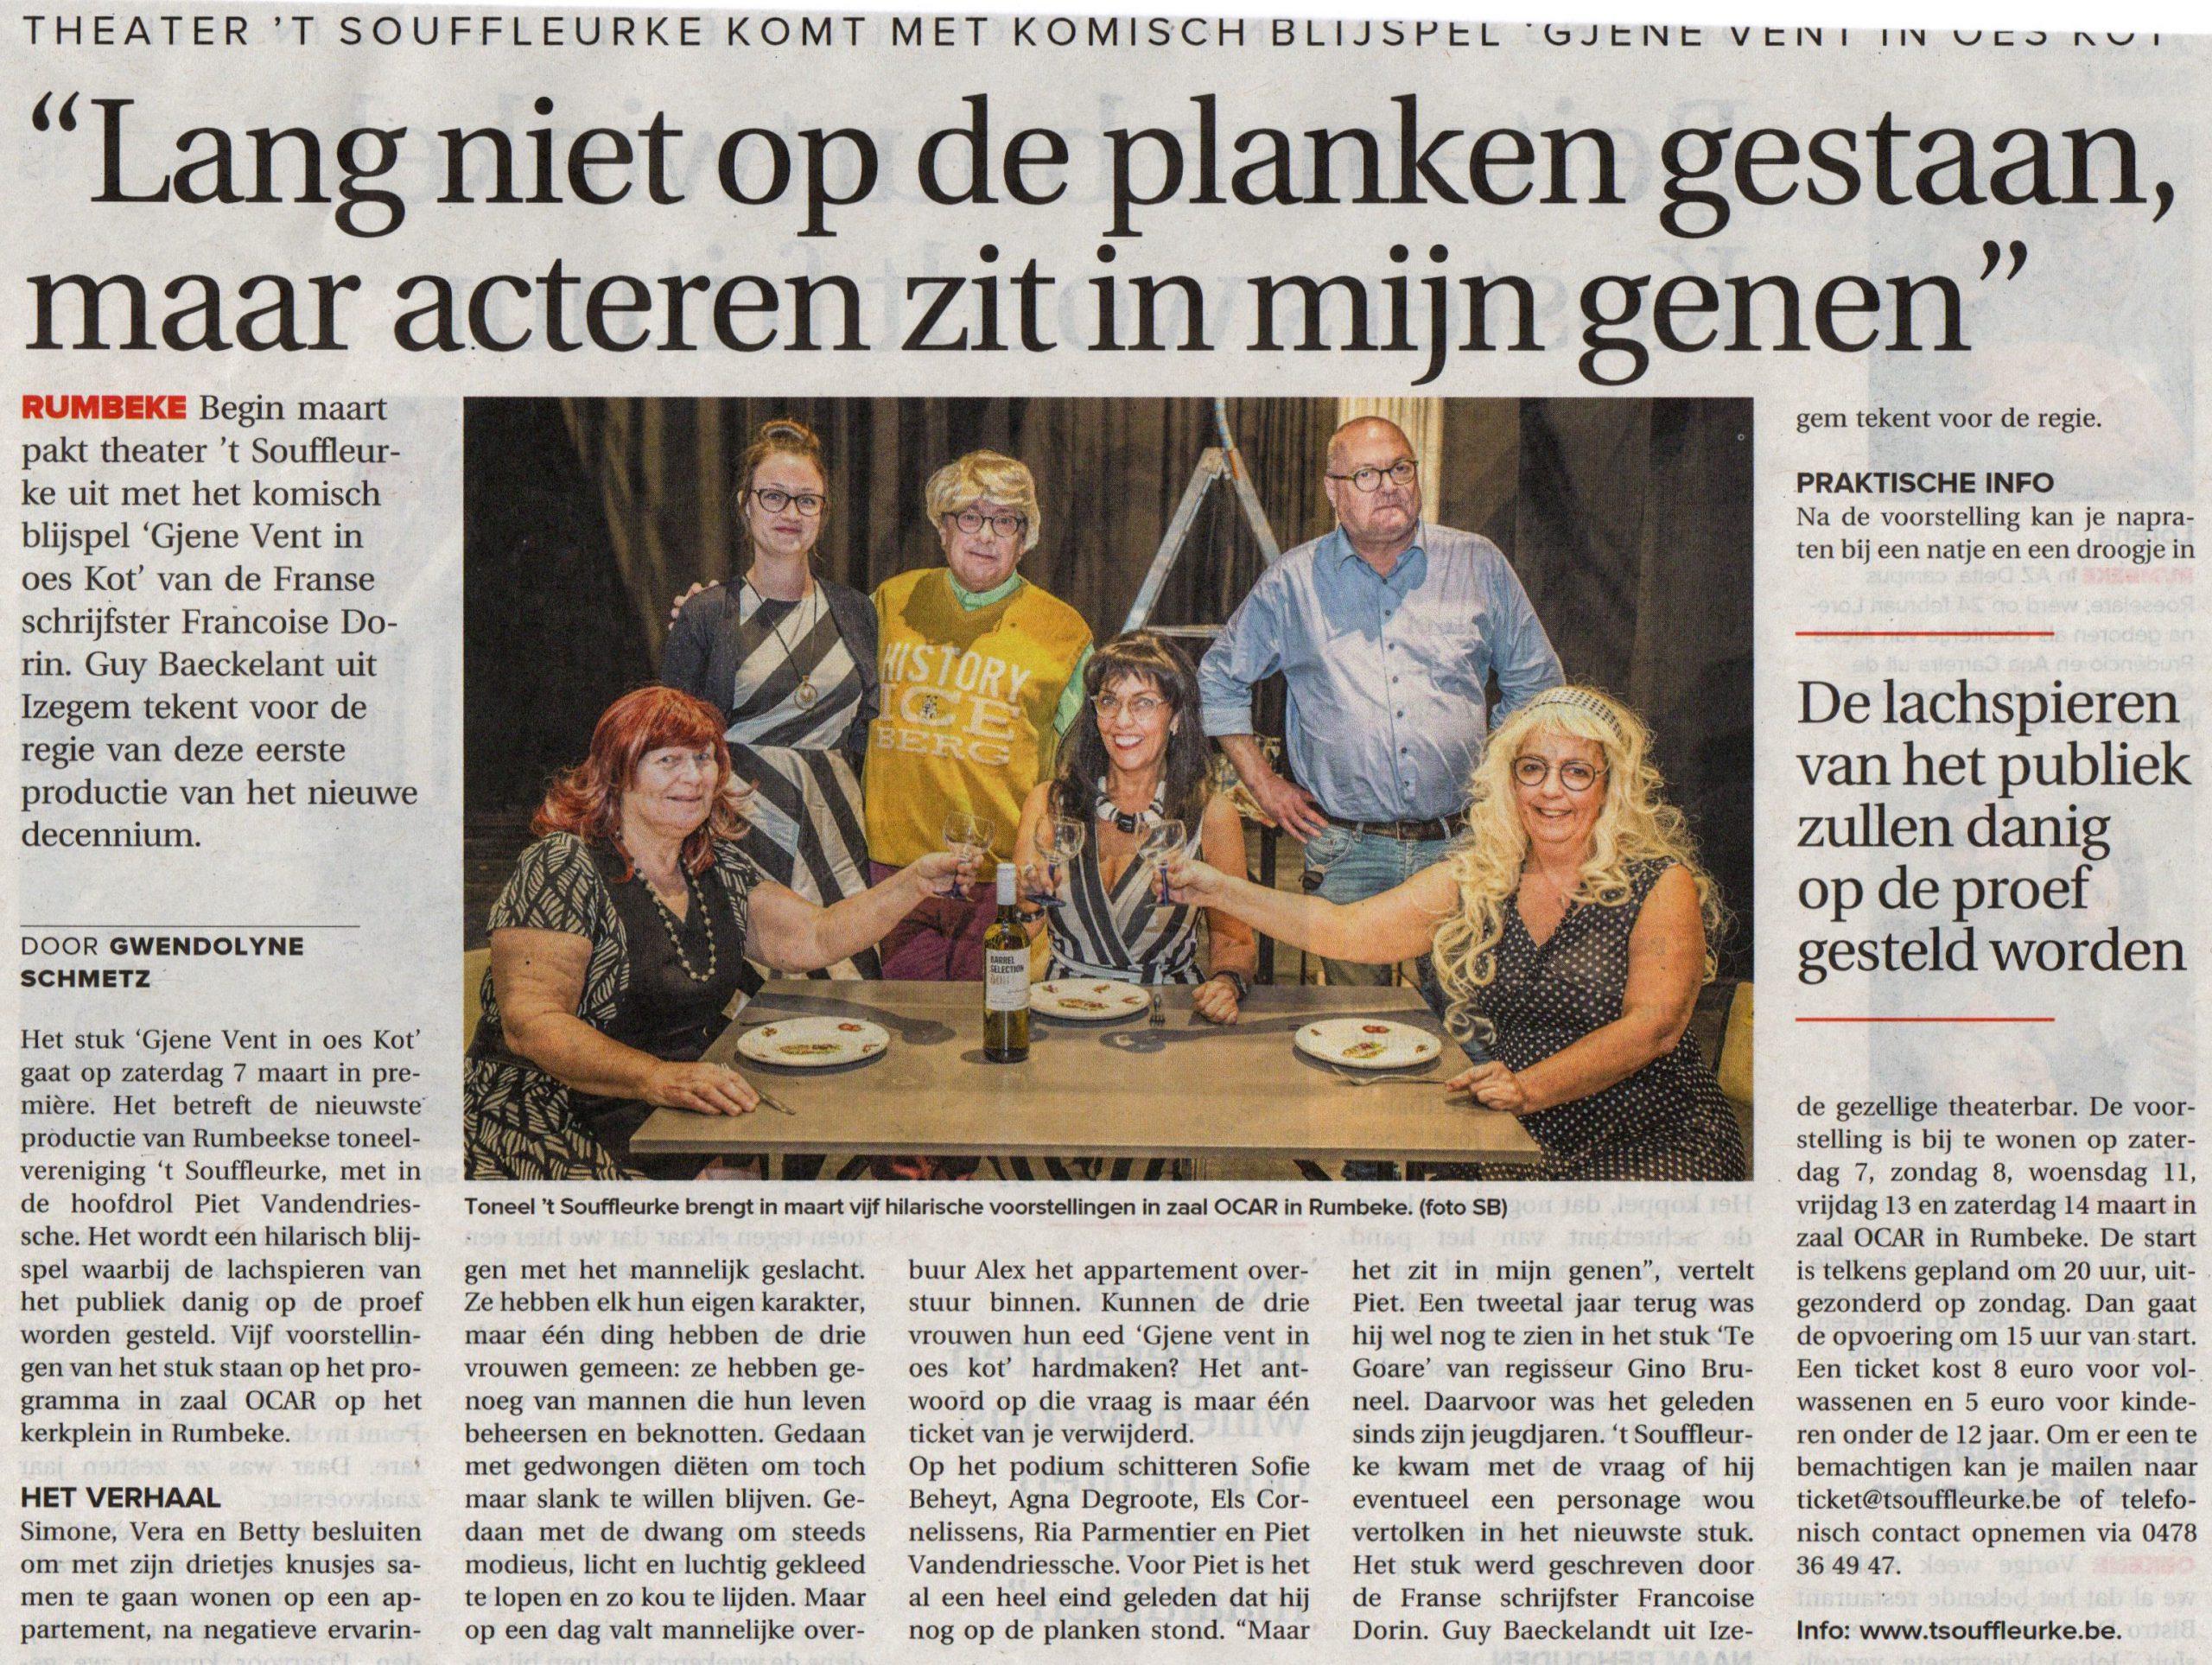 Toneelgroep 't Souffleurke - Gjene vent in oes kot - KW Roeselare 2020